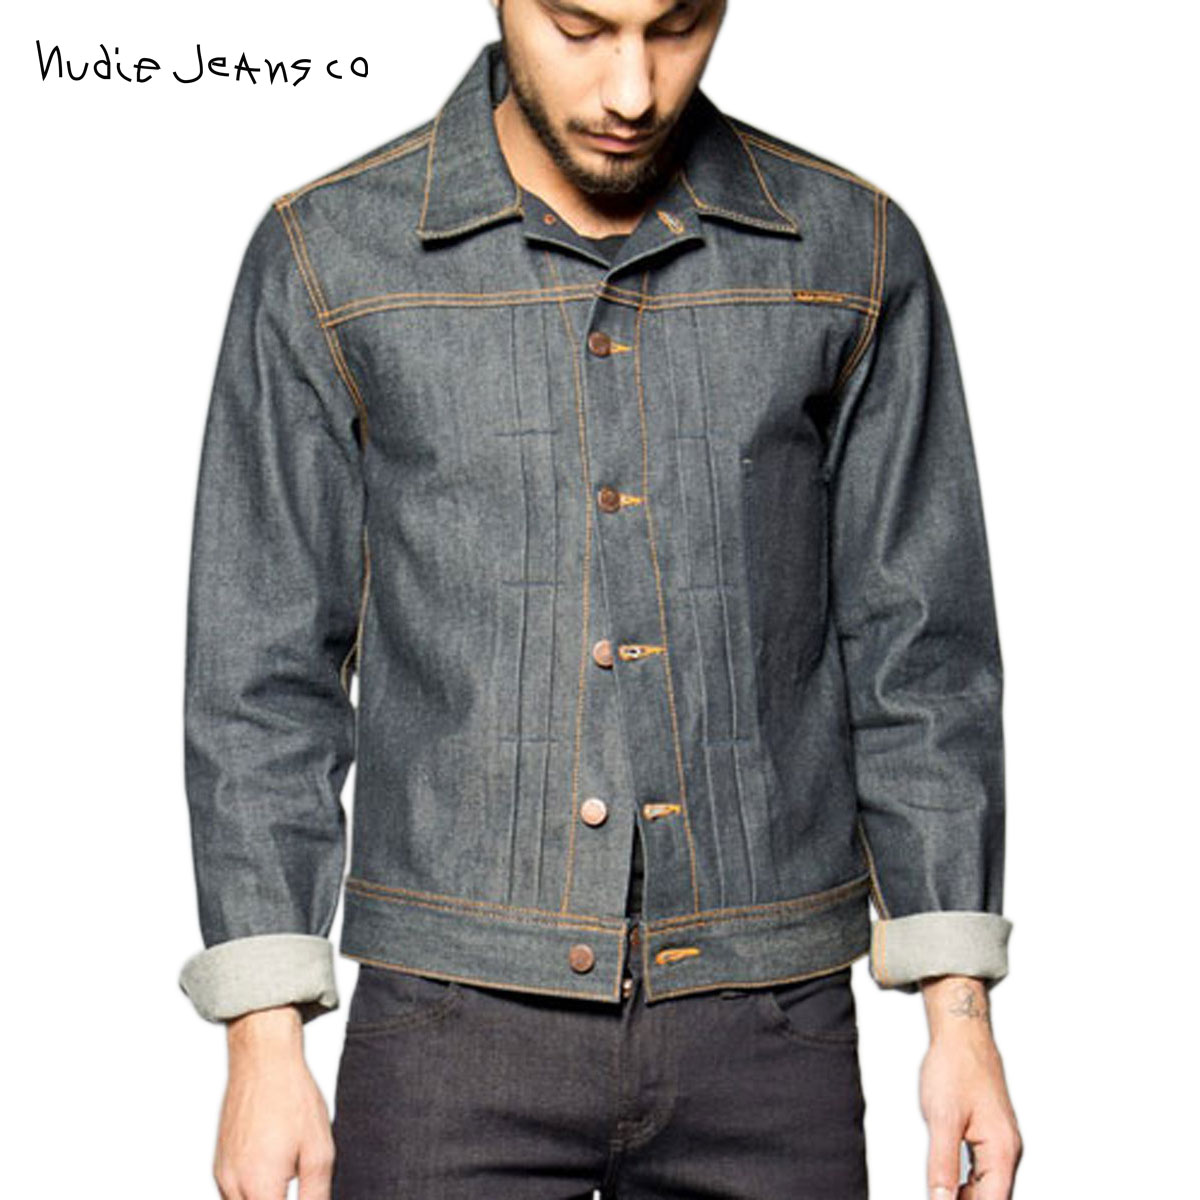 ヌーディージーンズ Nudie Jeans 正規販売店 メンズ デニムジャケット Sonny Dry Dirt Org. Denim B26 160167 5002